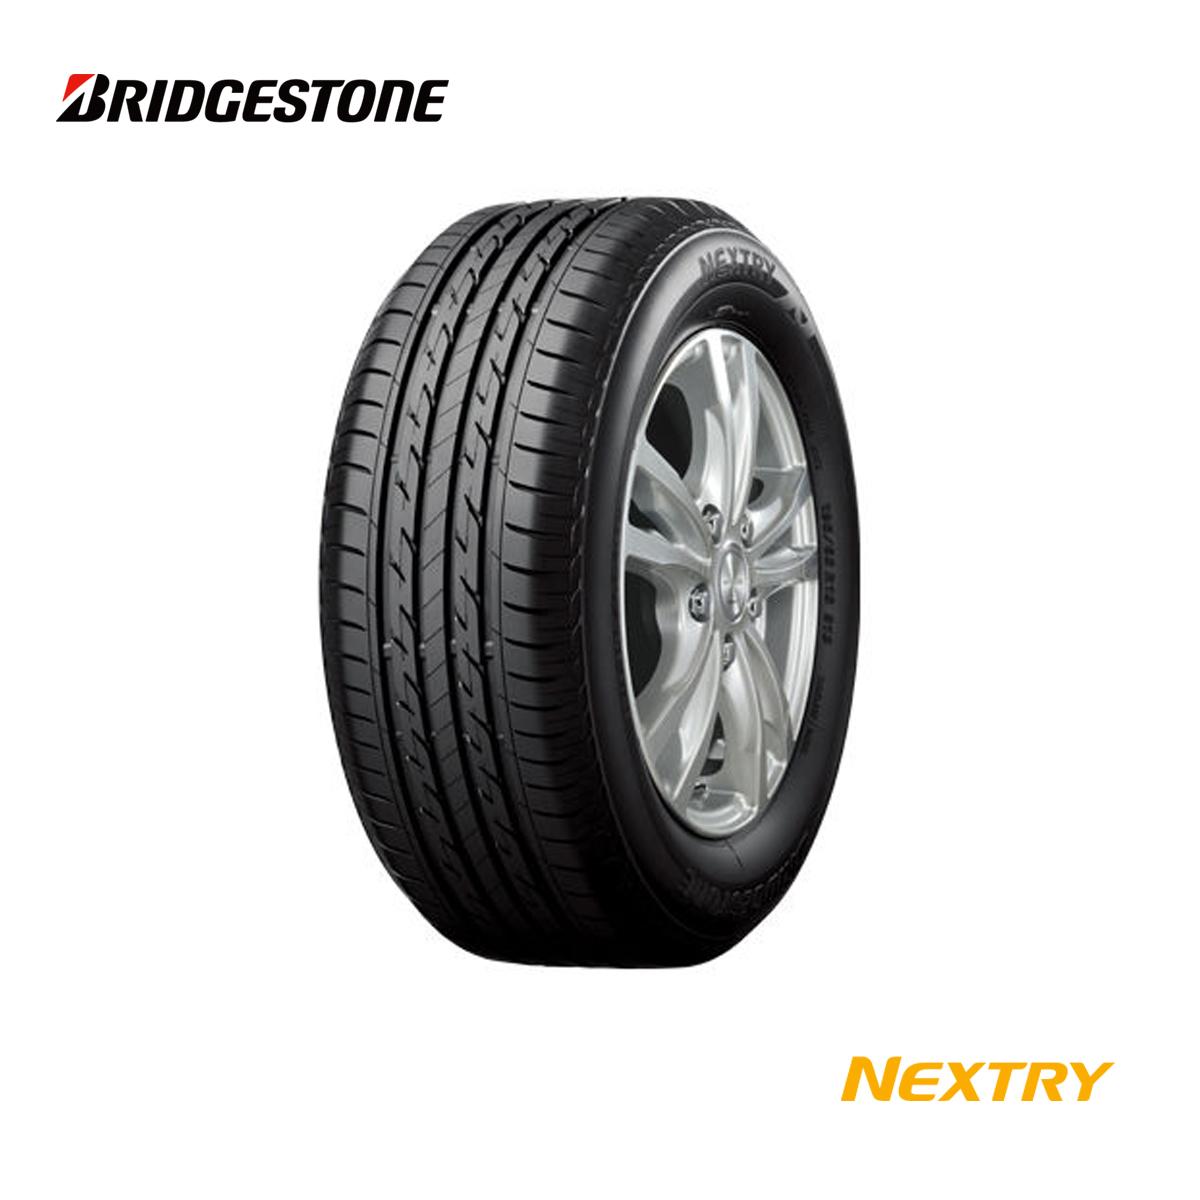 ブリヂストン 16インチ タイヤ 195/55R16 195 55 16 87V ネクストリー サマータイヤ 2本 87V 低燃費 エコ 夏 サマー タイヤ BRIDGESTONE NEXTRY